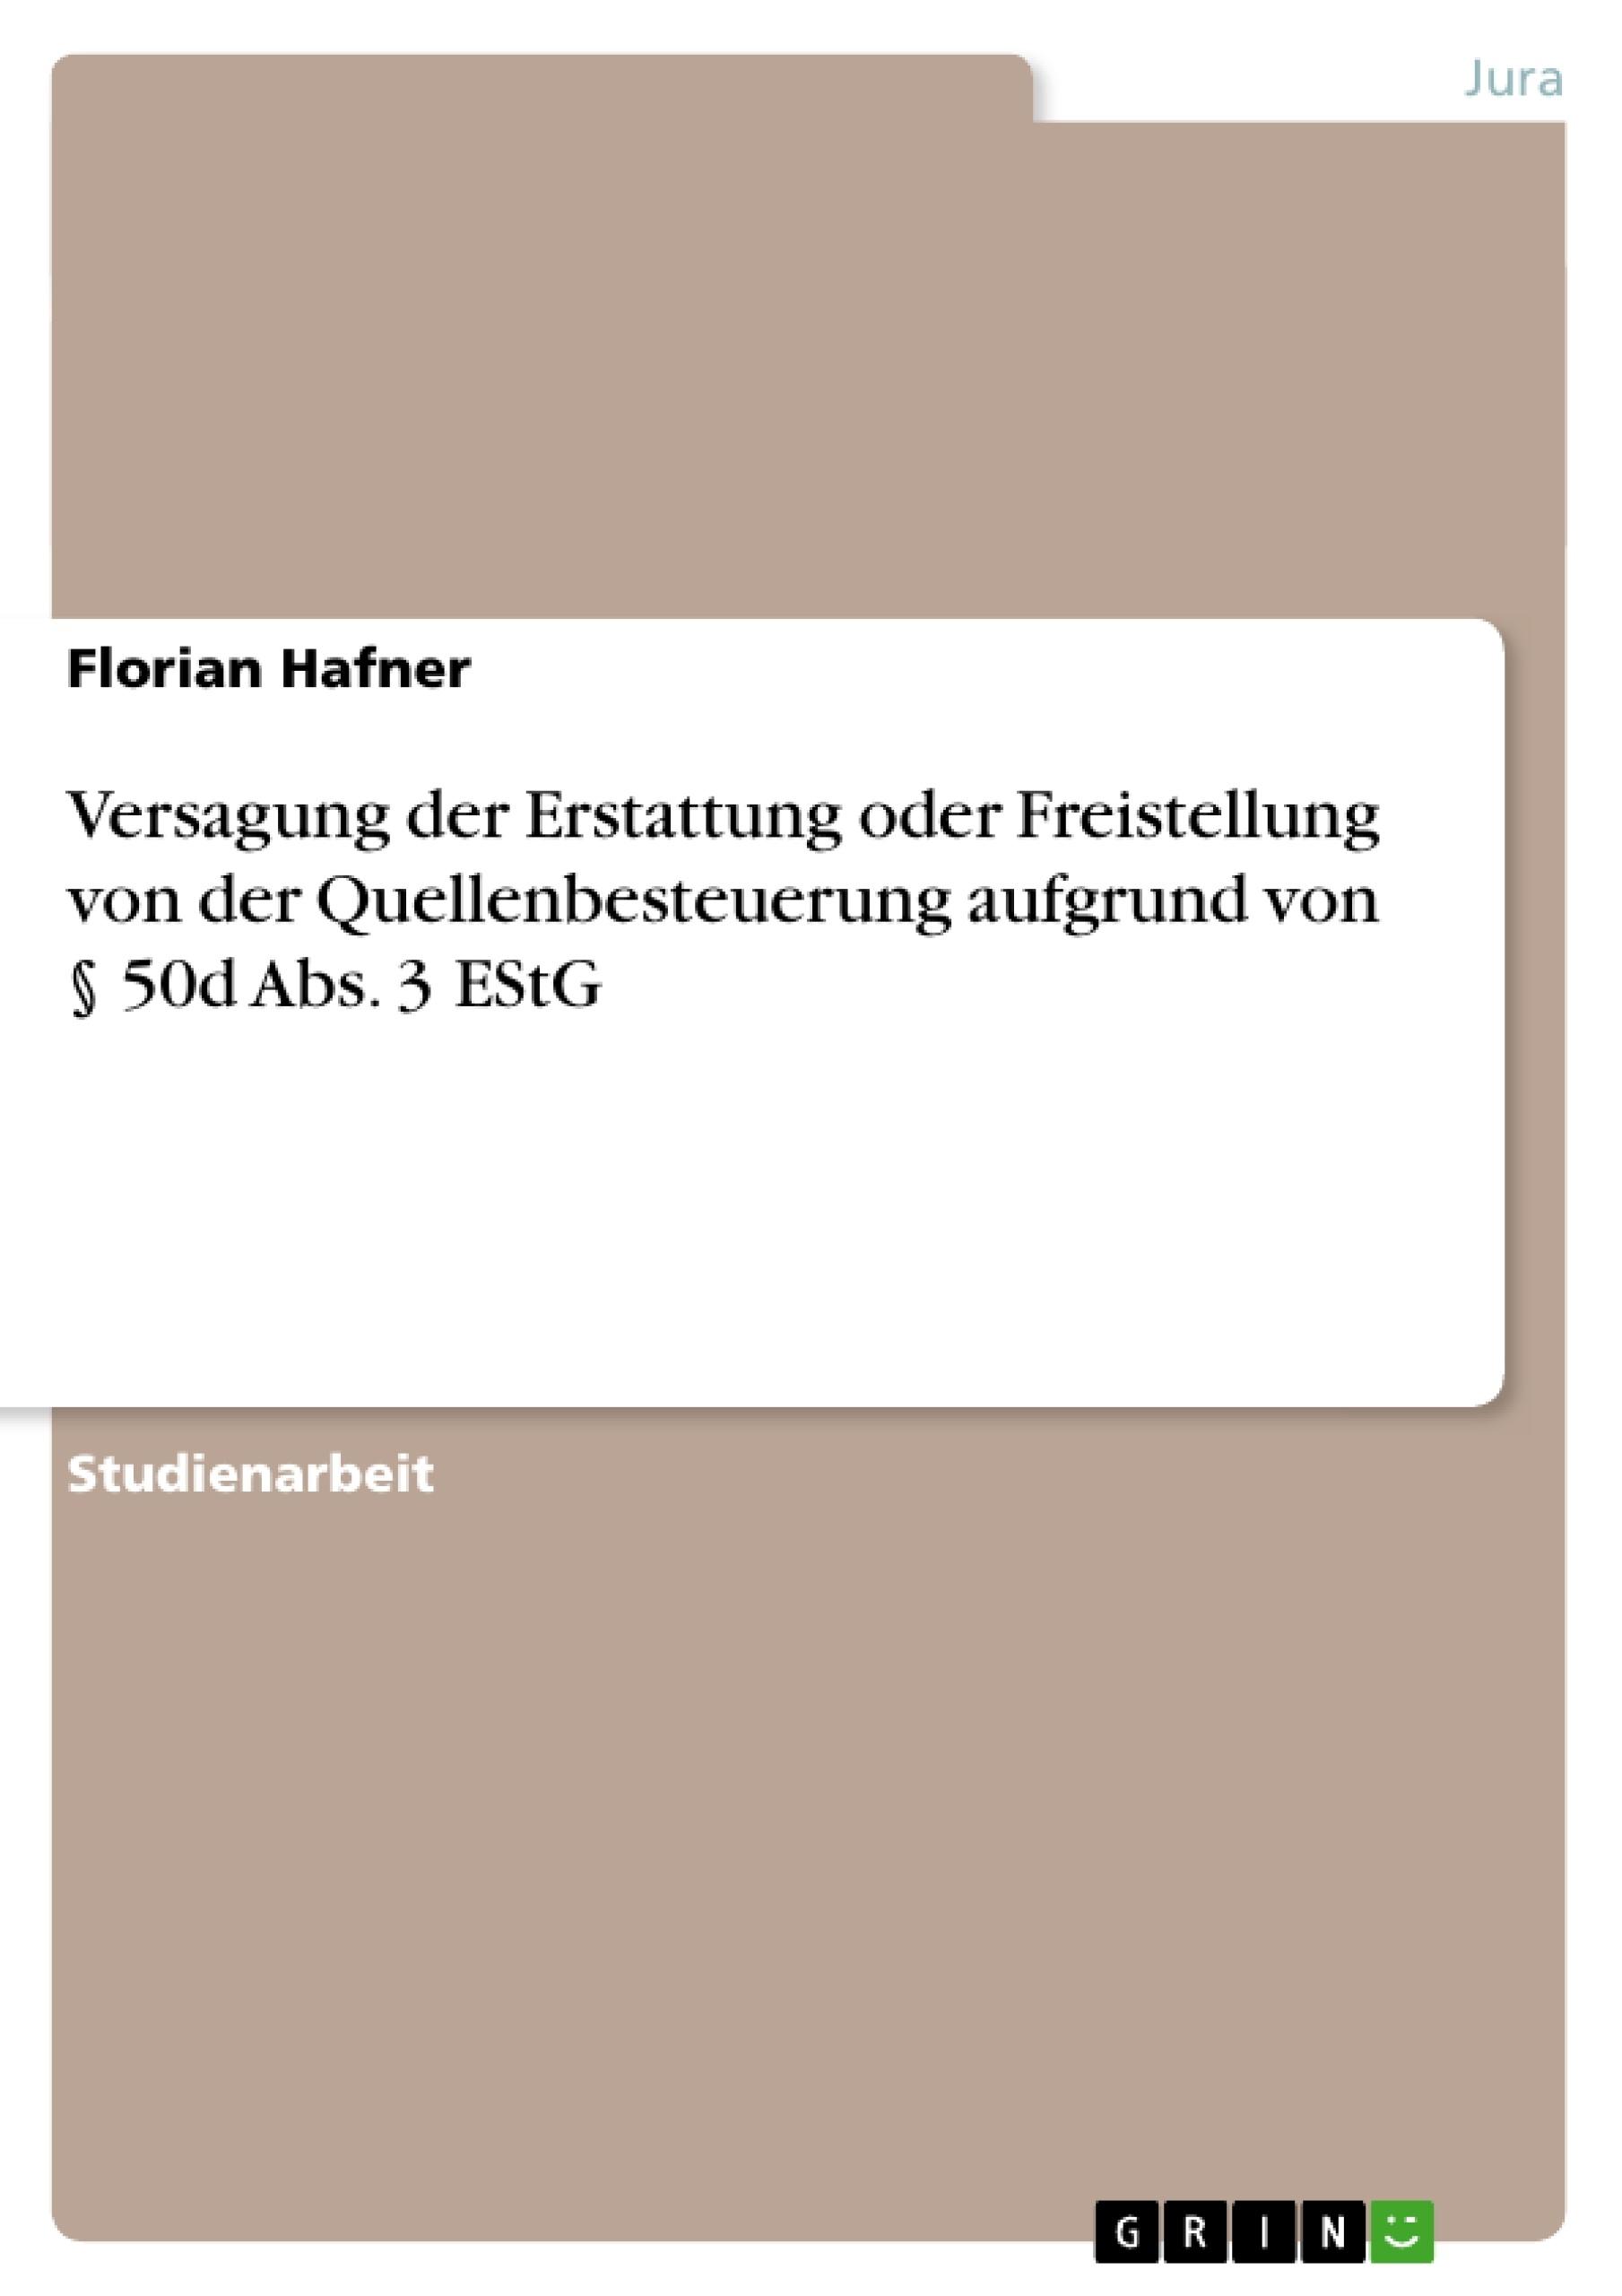 Titel: Versagung der Erstattung oder Freistellung von der Quellenbesteuerung aufgrund von § 50d Abs. 3 EStG